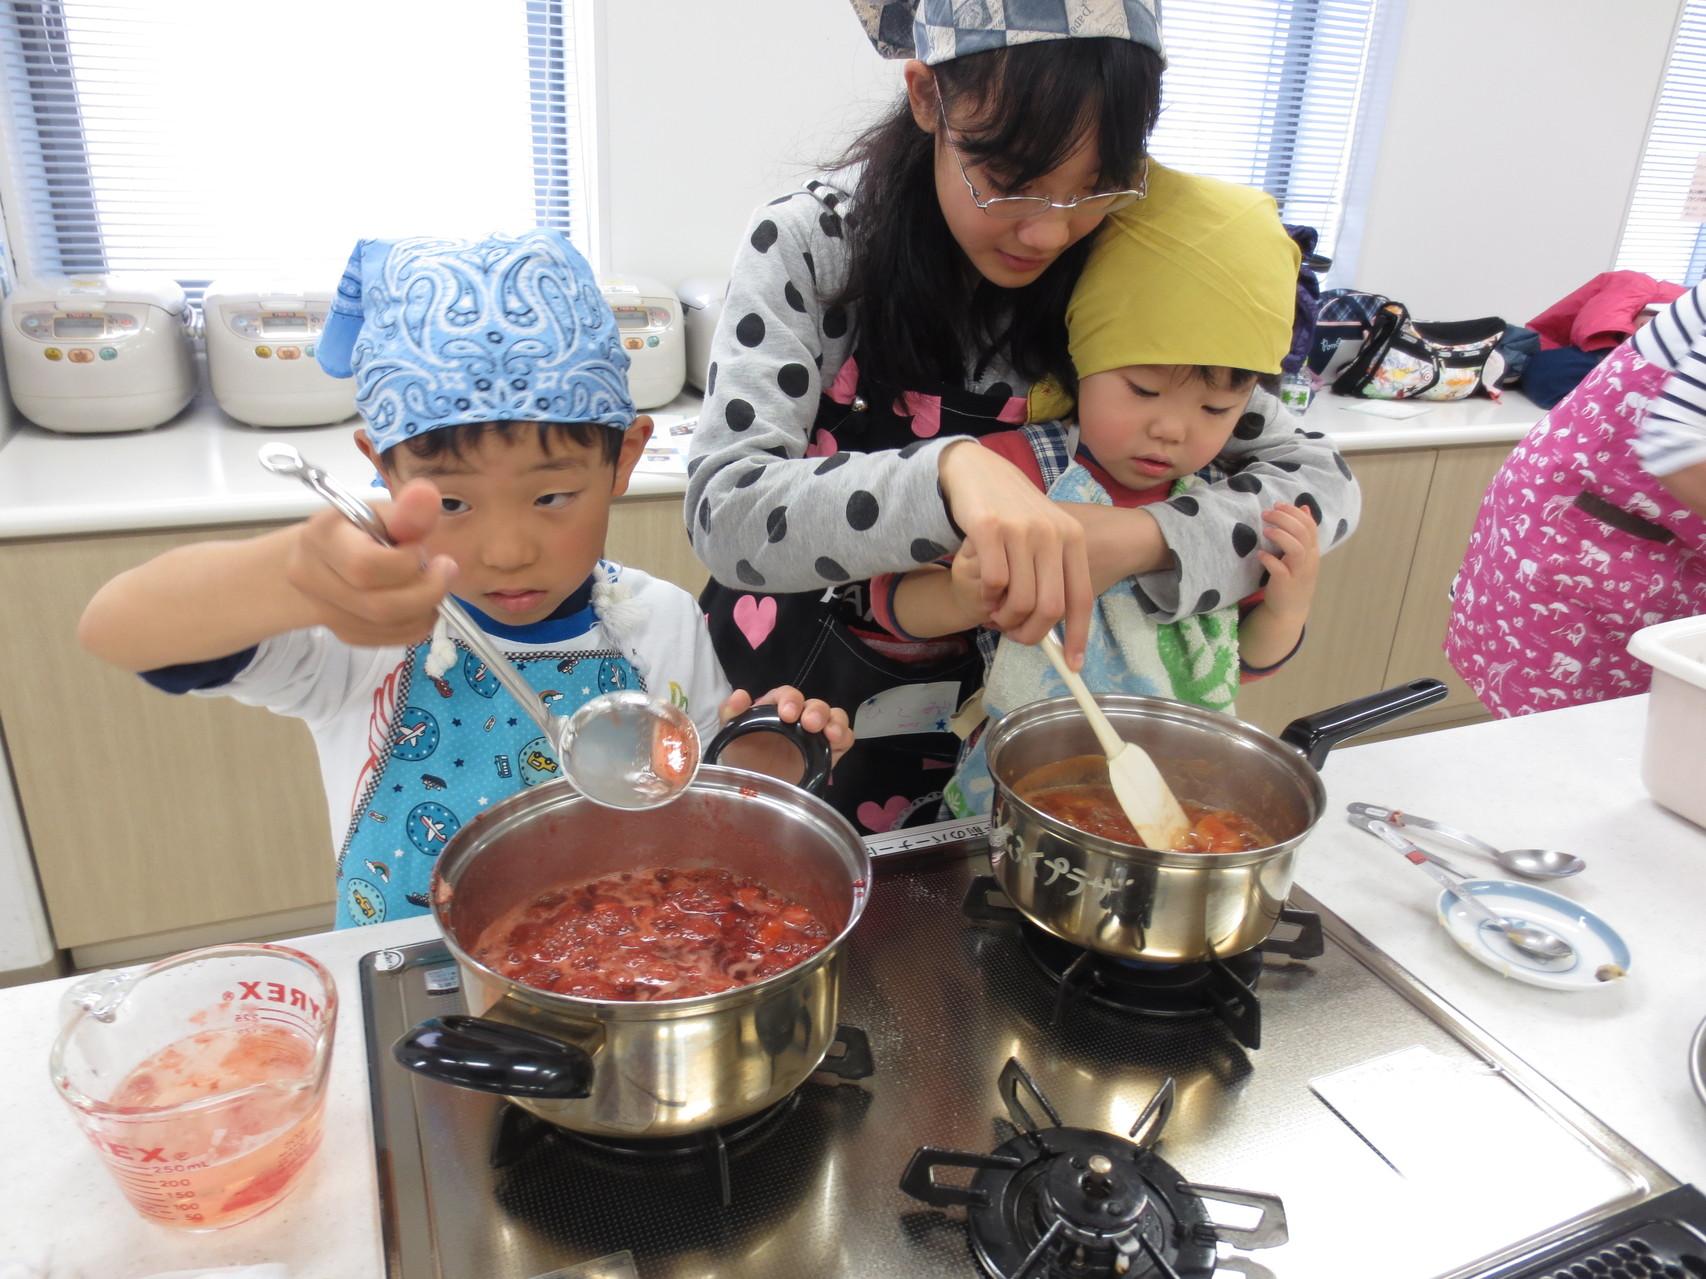 コトコト果物を煮てジャム作り